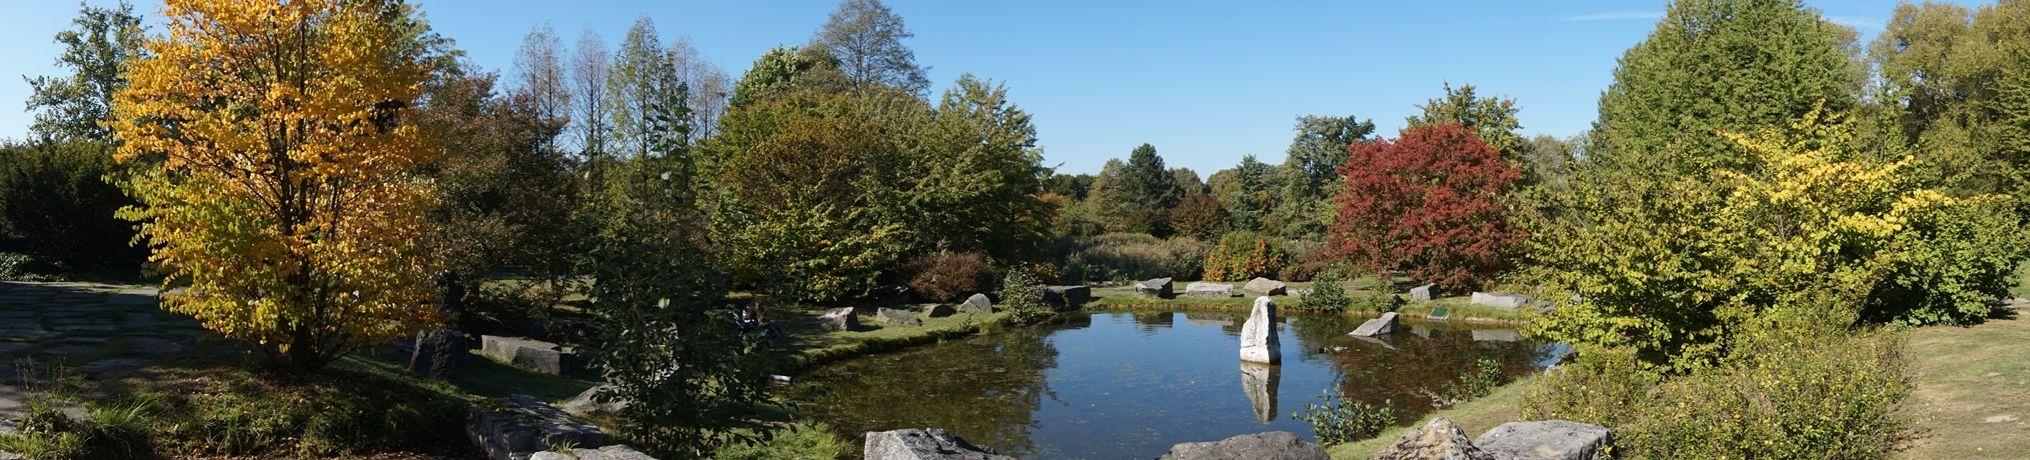 Ogród Botaniczny 6